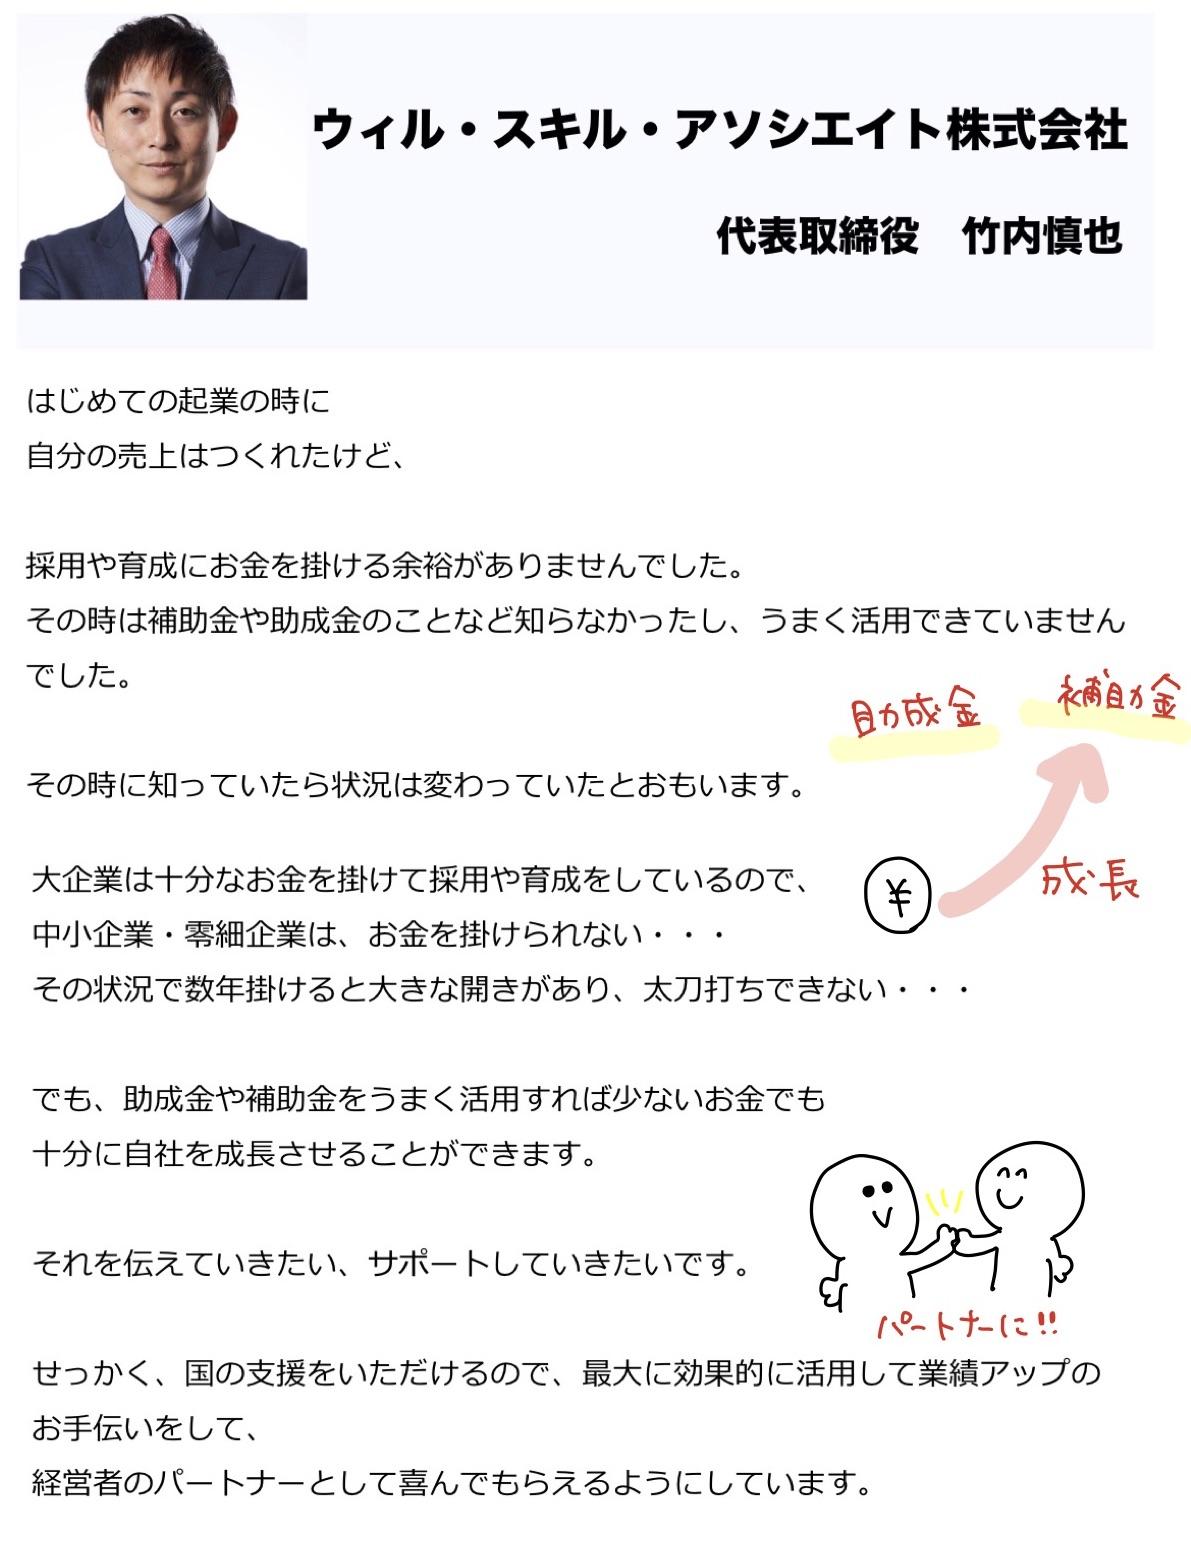 ウィル・スキル・アソシエイト株式会社の竹内慎也さんの想い